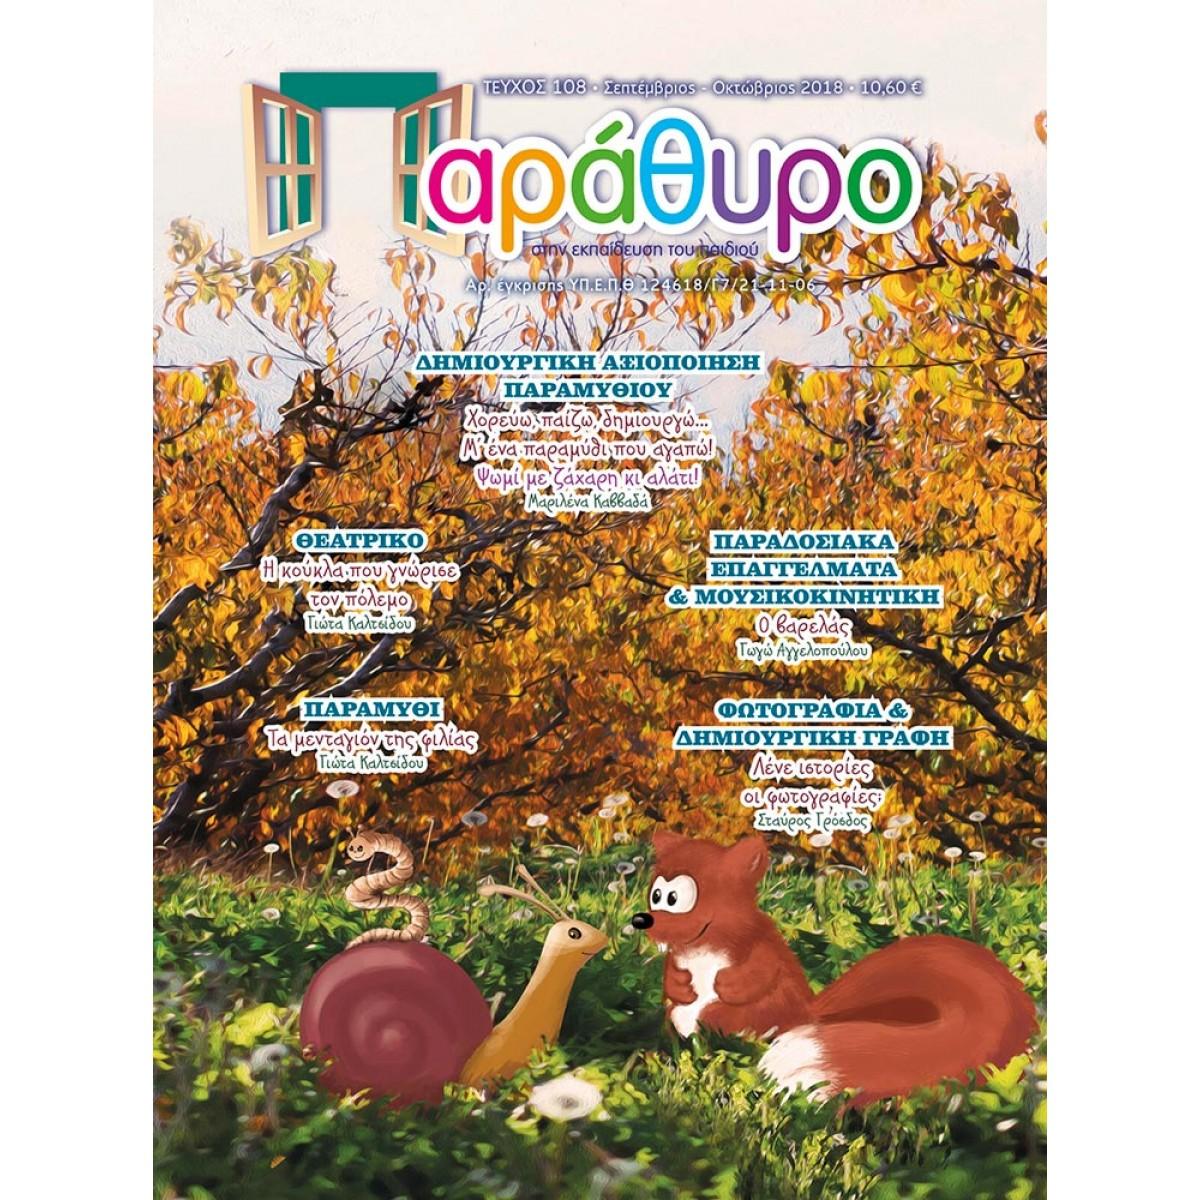 ΠΑΡΑΘΥΡΟ ΤΕΥΧΟΣ 108 Περιοδικό Παράθυρο